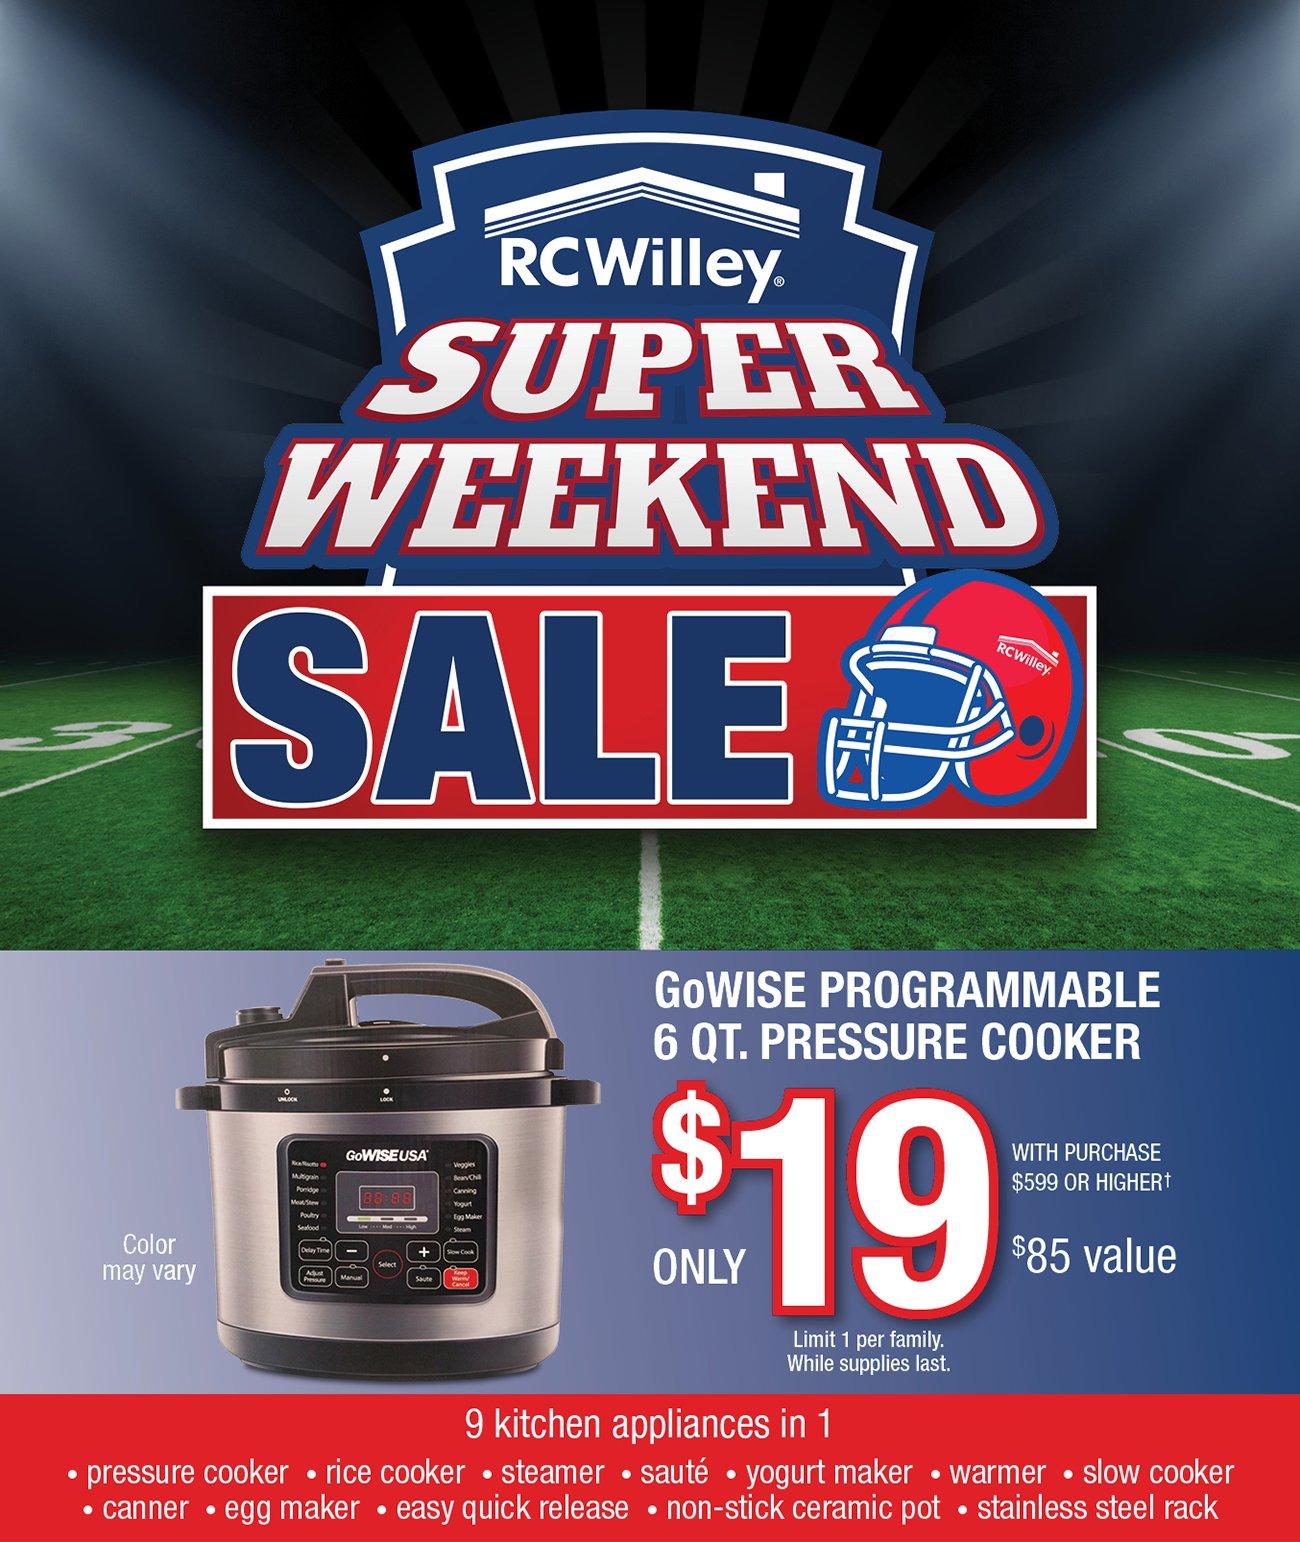 Super-weekend-sale